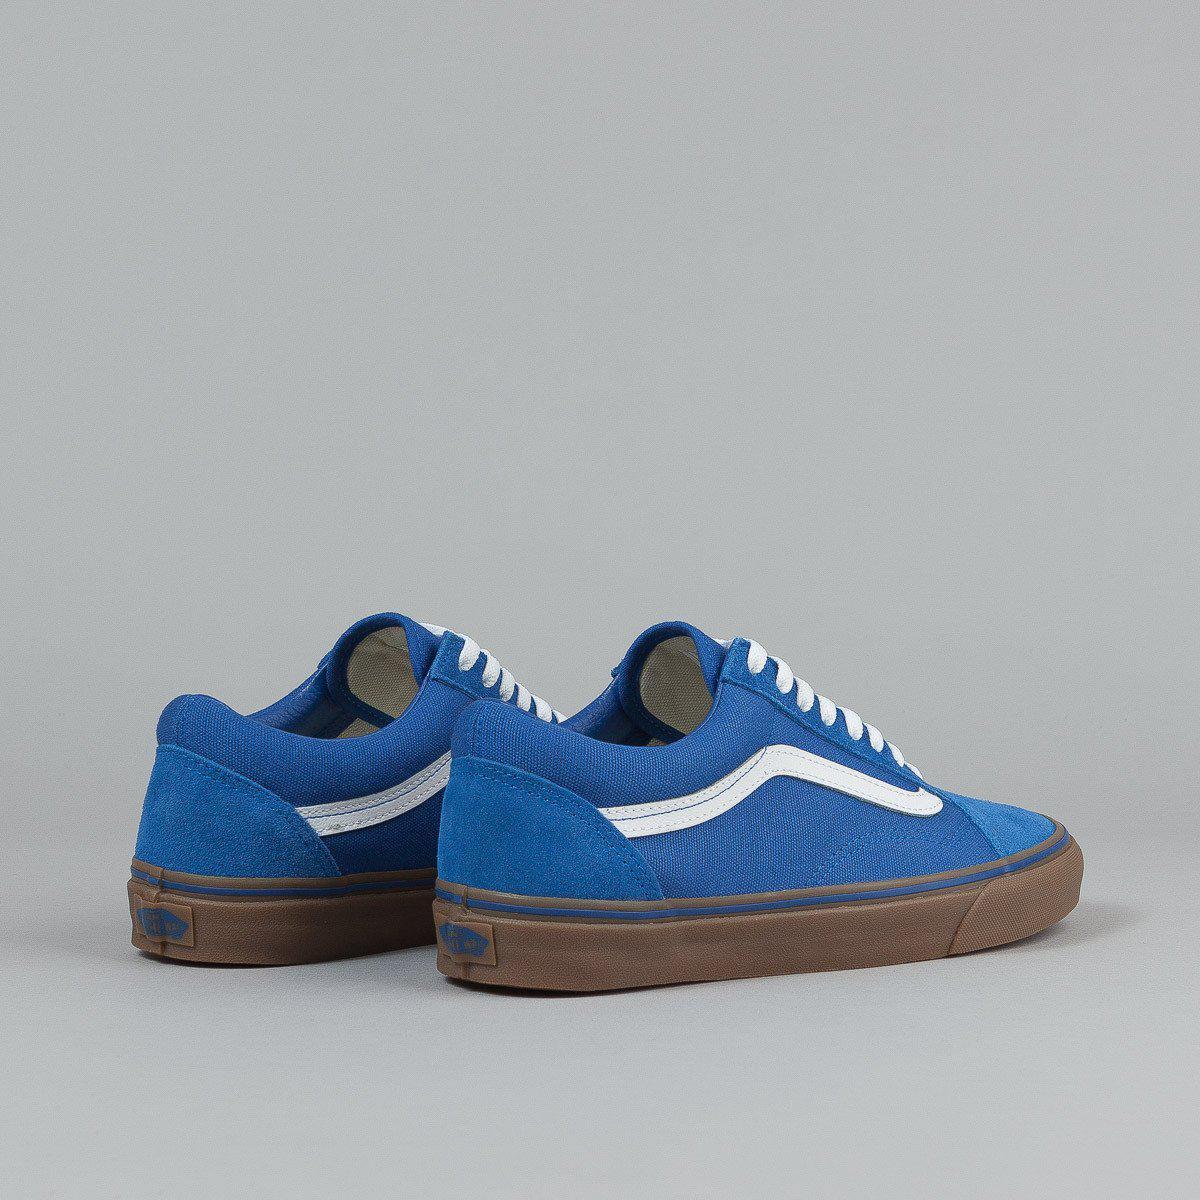 c6995ccd9ab4 ... синие Vans Old Skool Olympian Blue Gum Sole White   кеды женские и  мужские вэнс  ...